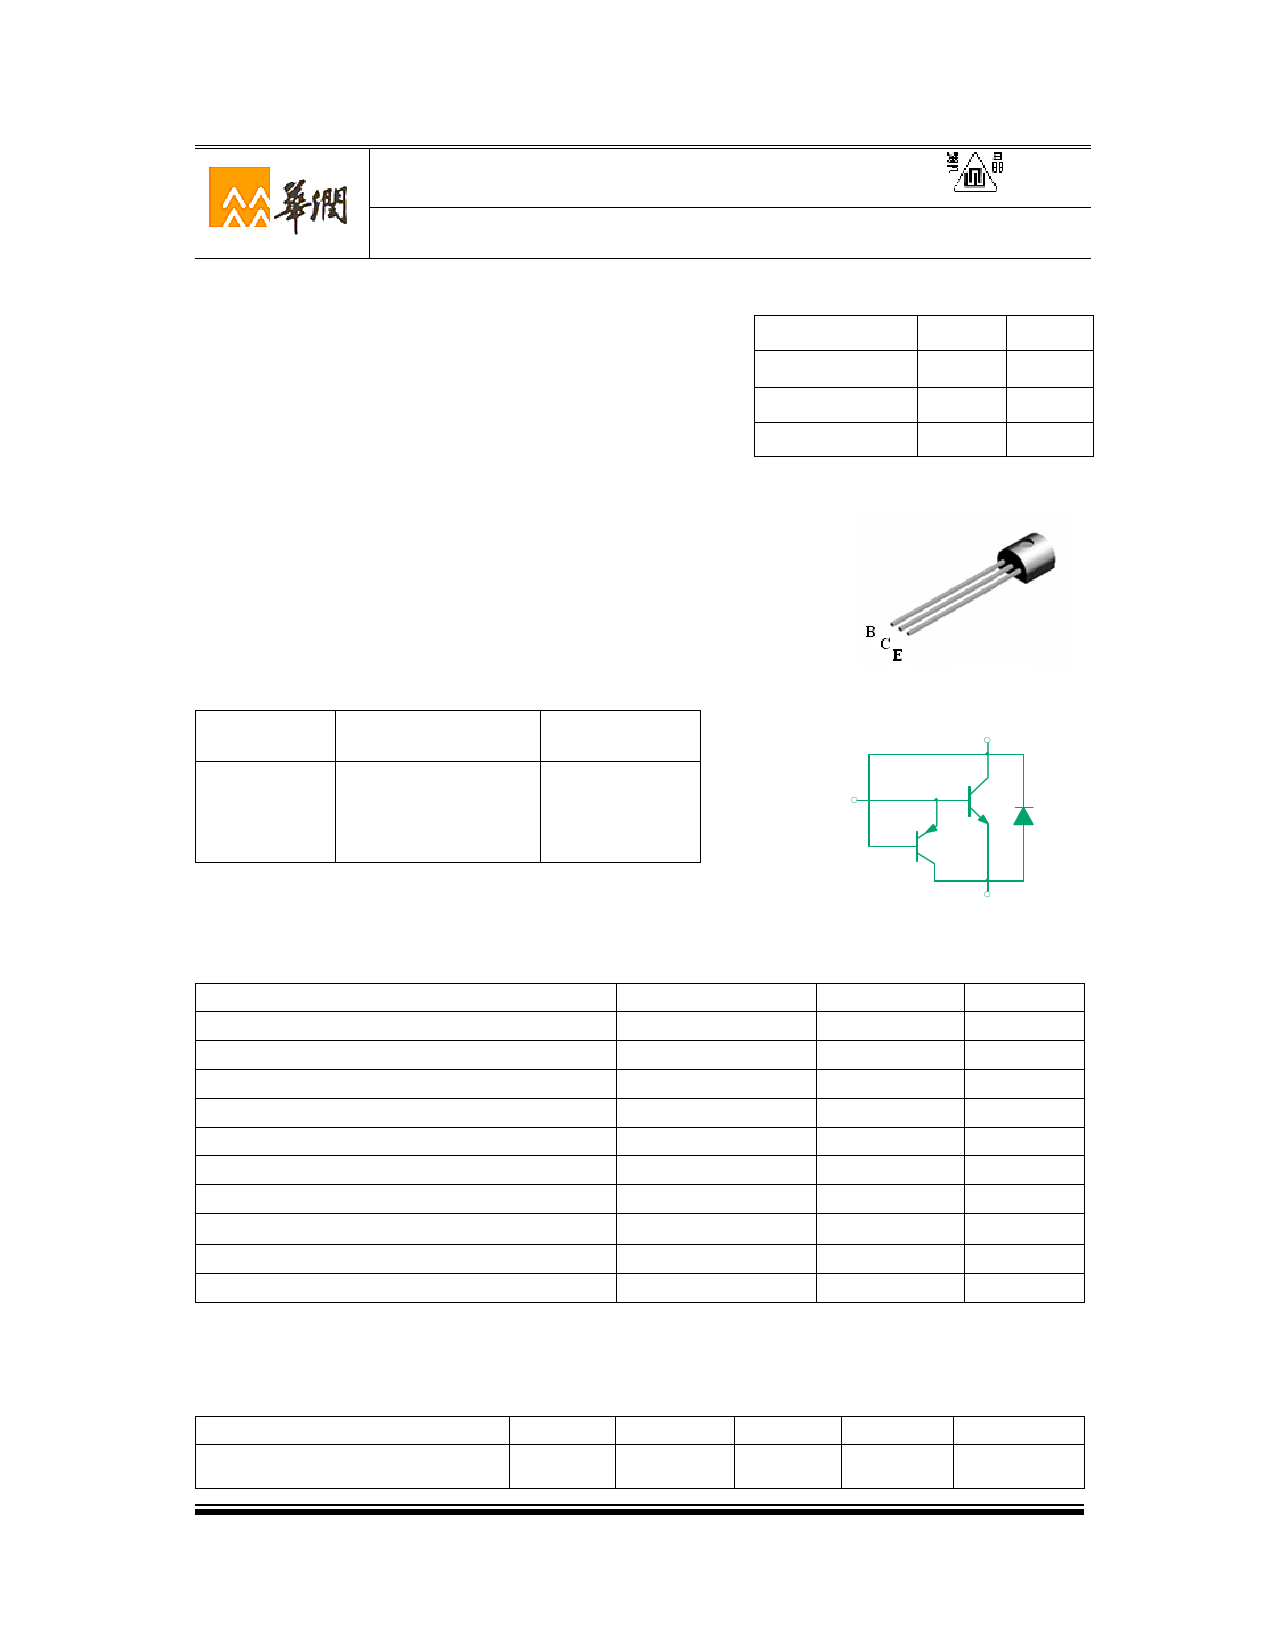 3DD4013A1D Datasheet, 3DD4013A1D PDF,ピン配置, 機能